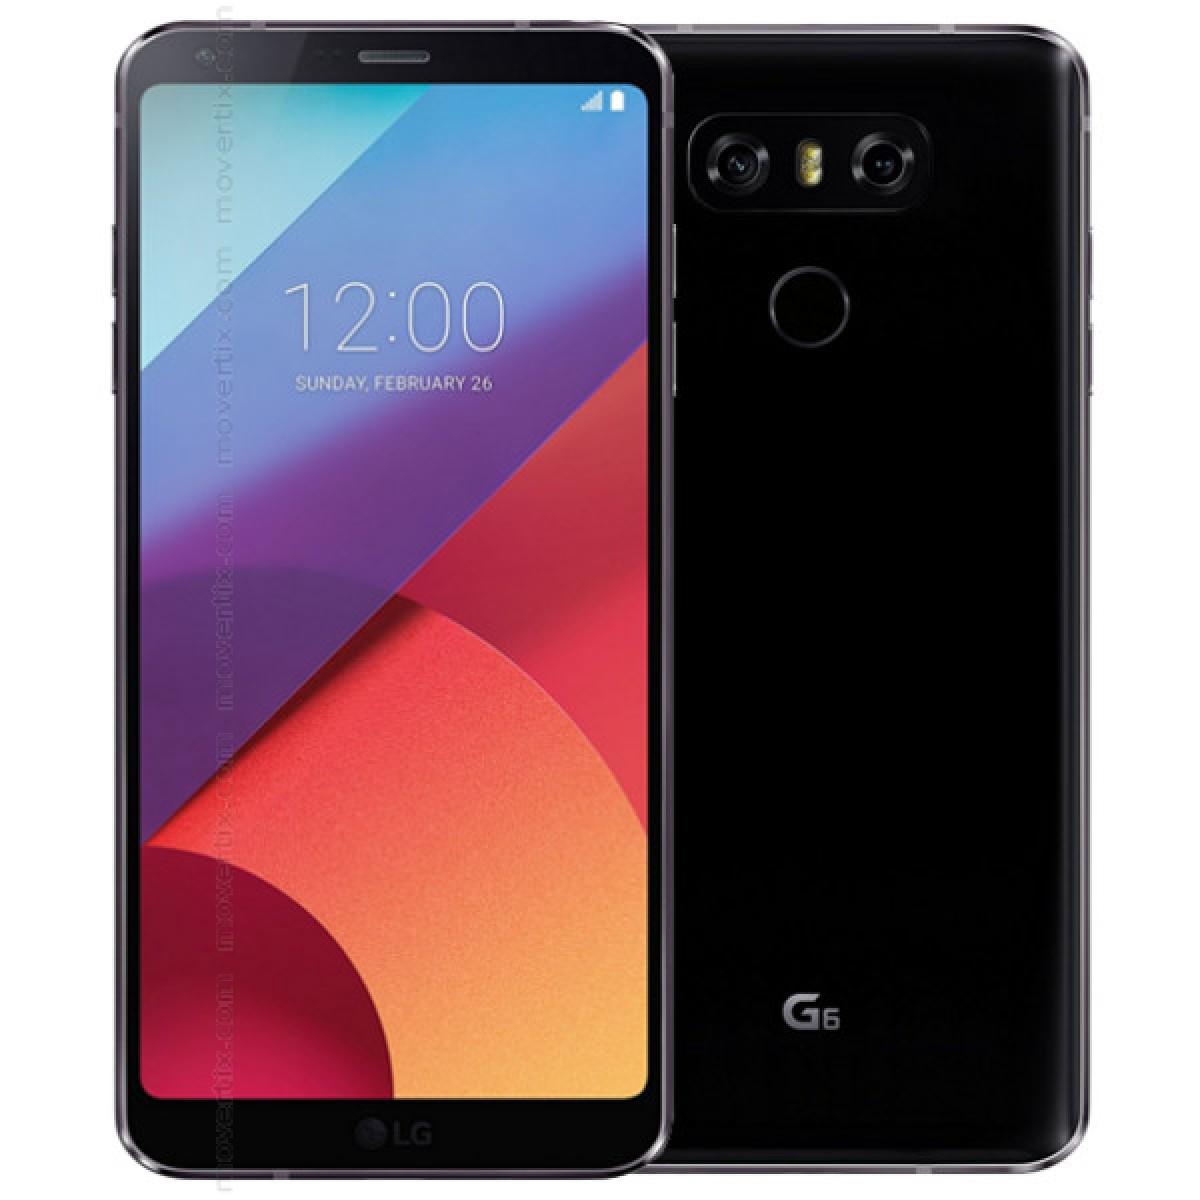 LG G6 Black (H870)